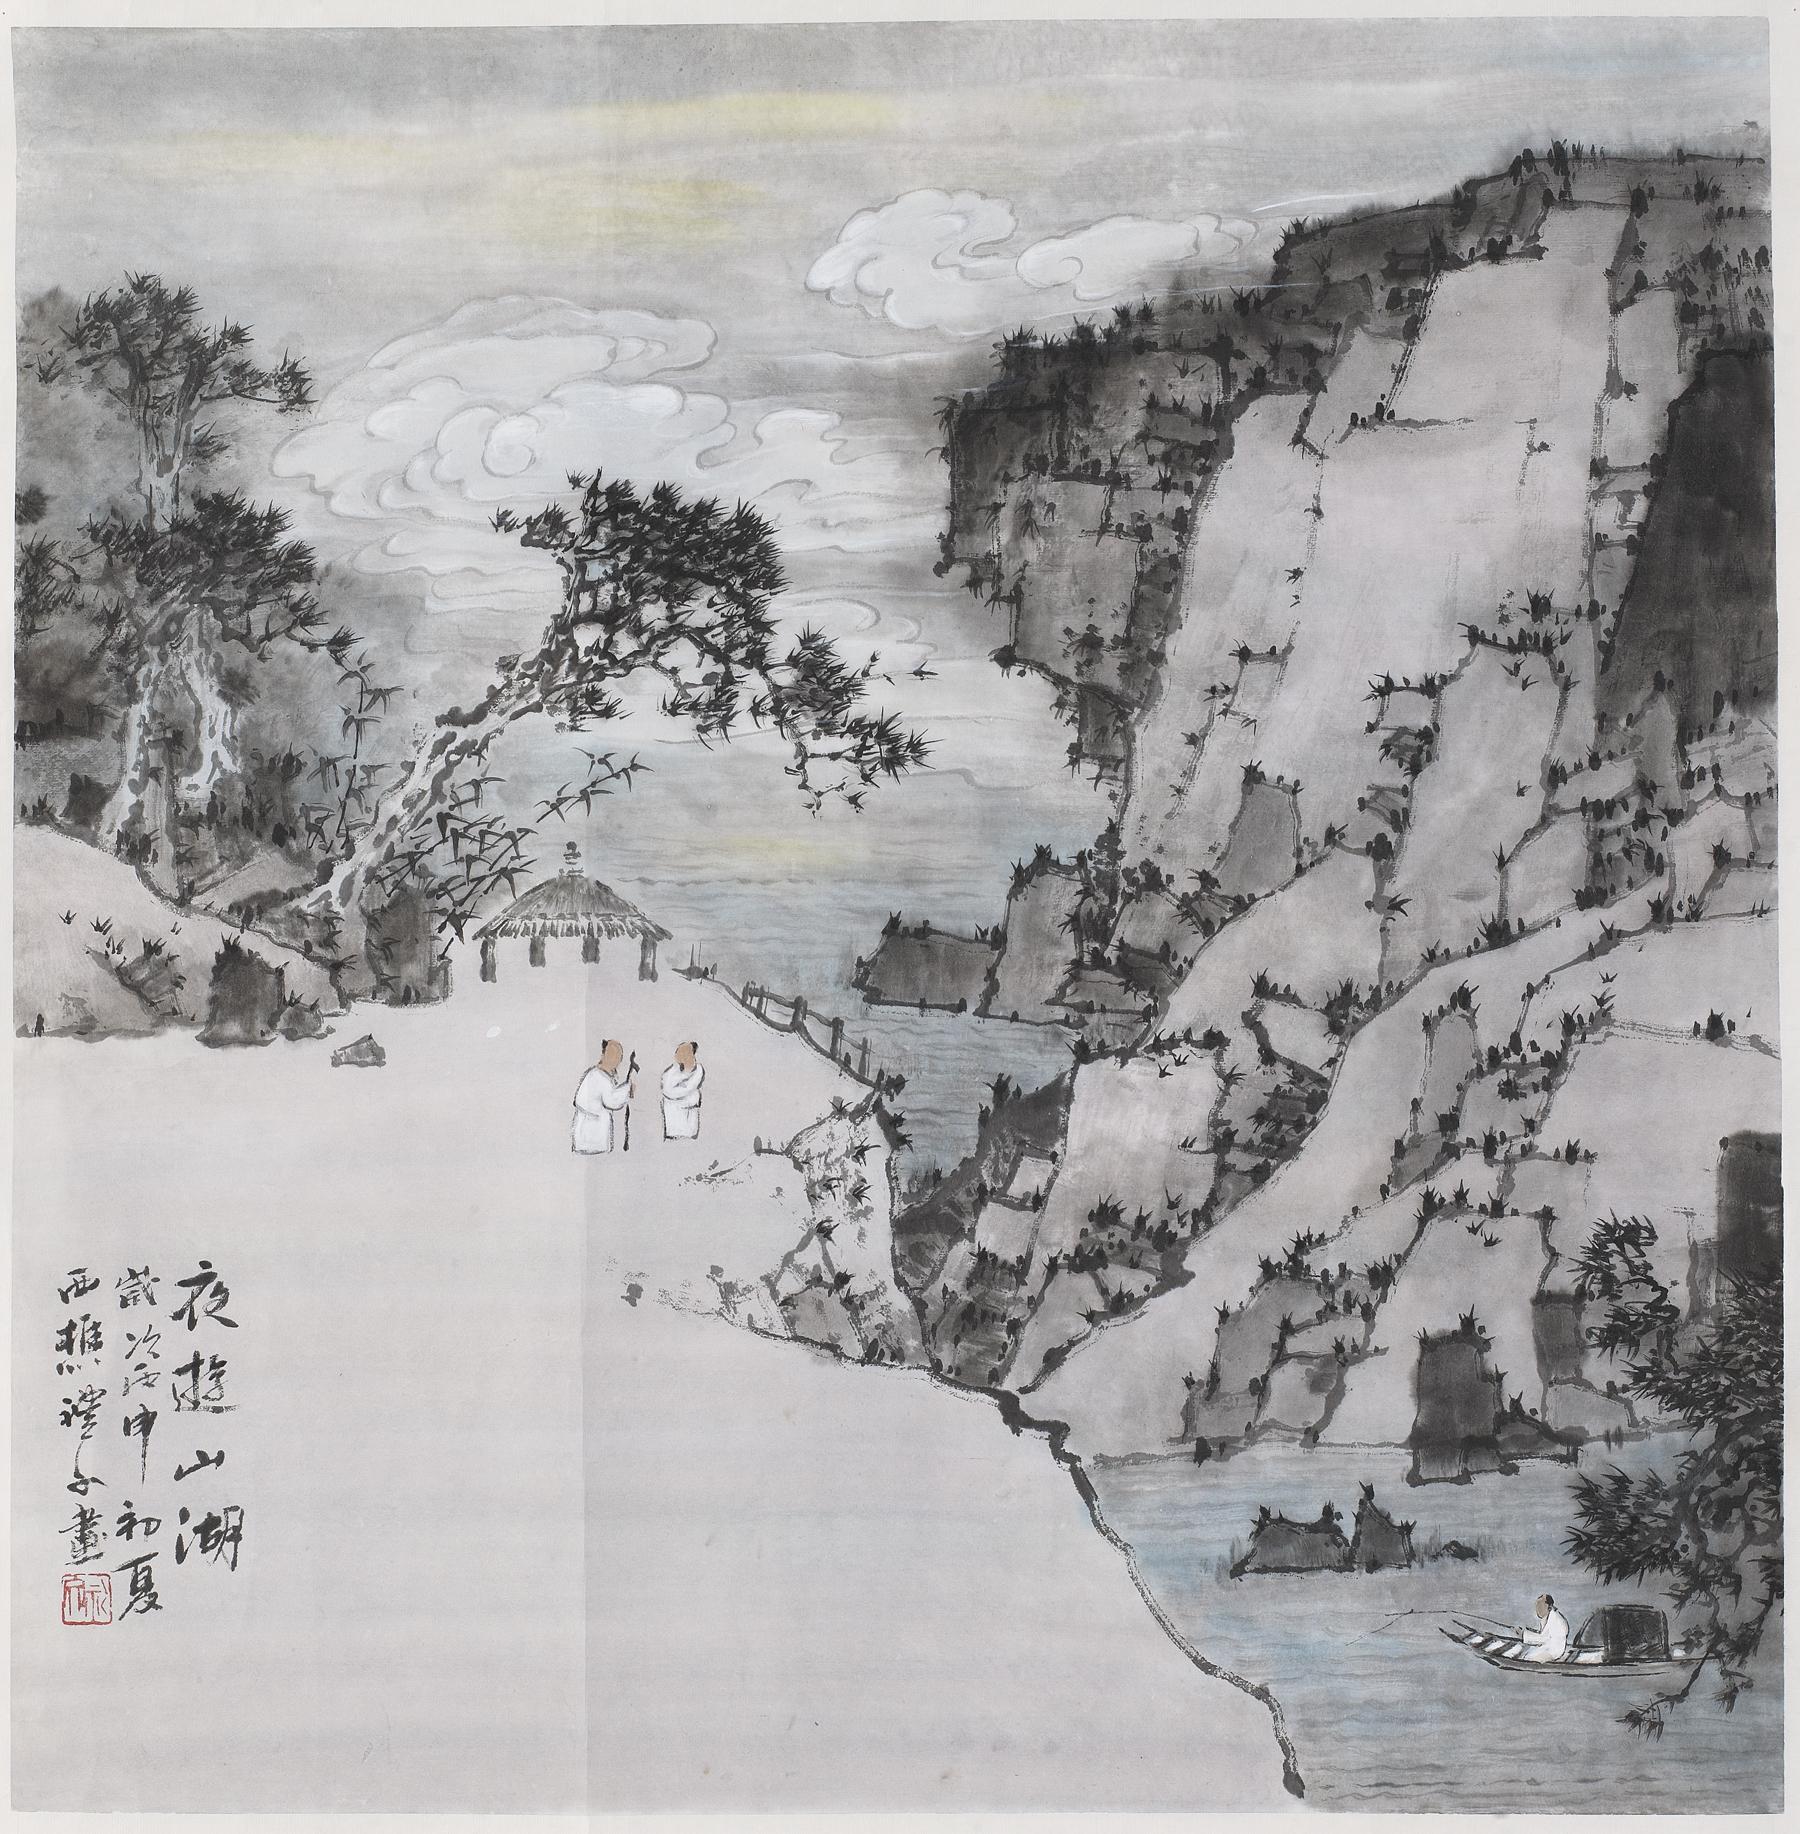 夜游山湖 规格:68cmX68cm.jpg